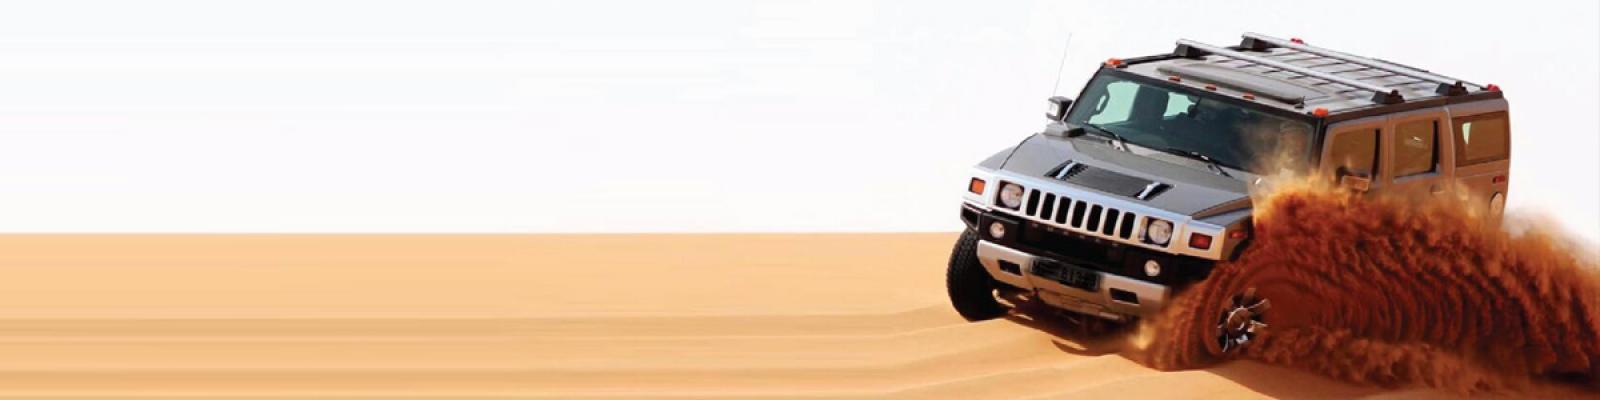 hummer desert safari dubai, best hummer desert safari dubai, hummer desert dubai trip